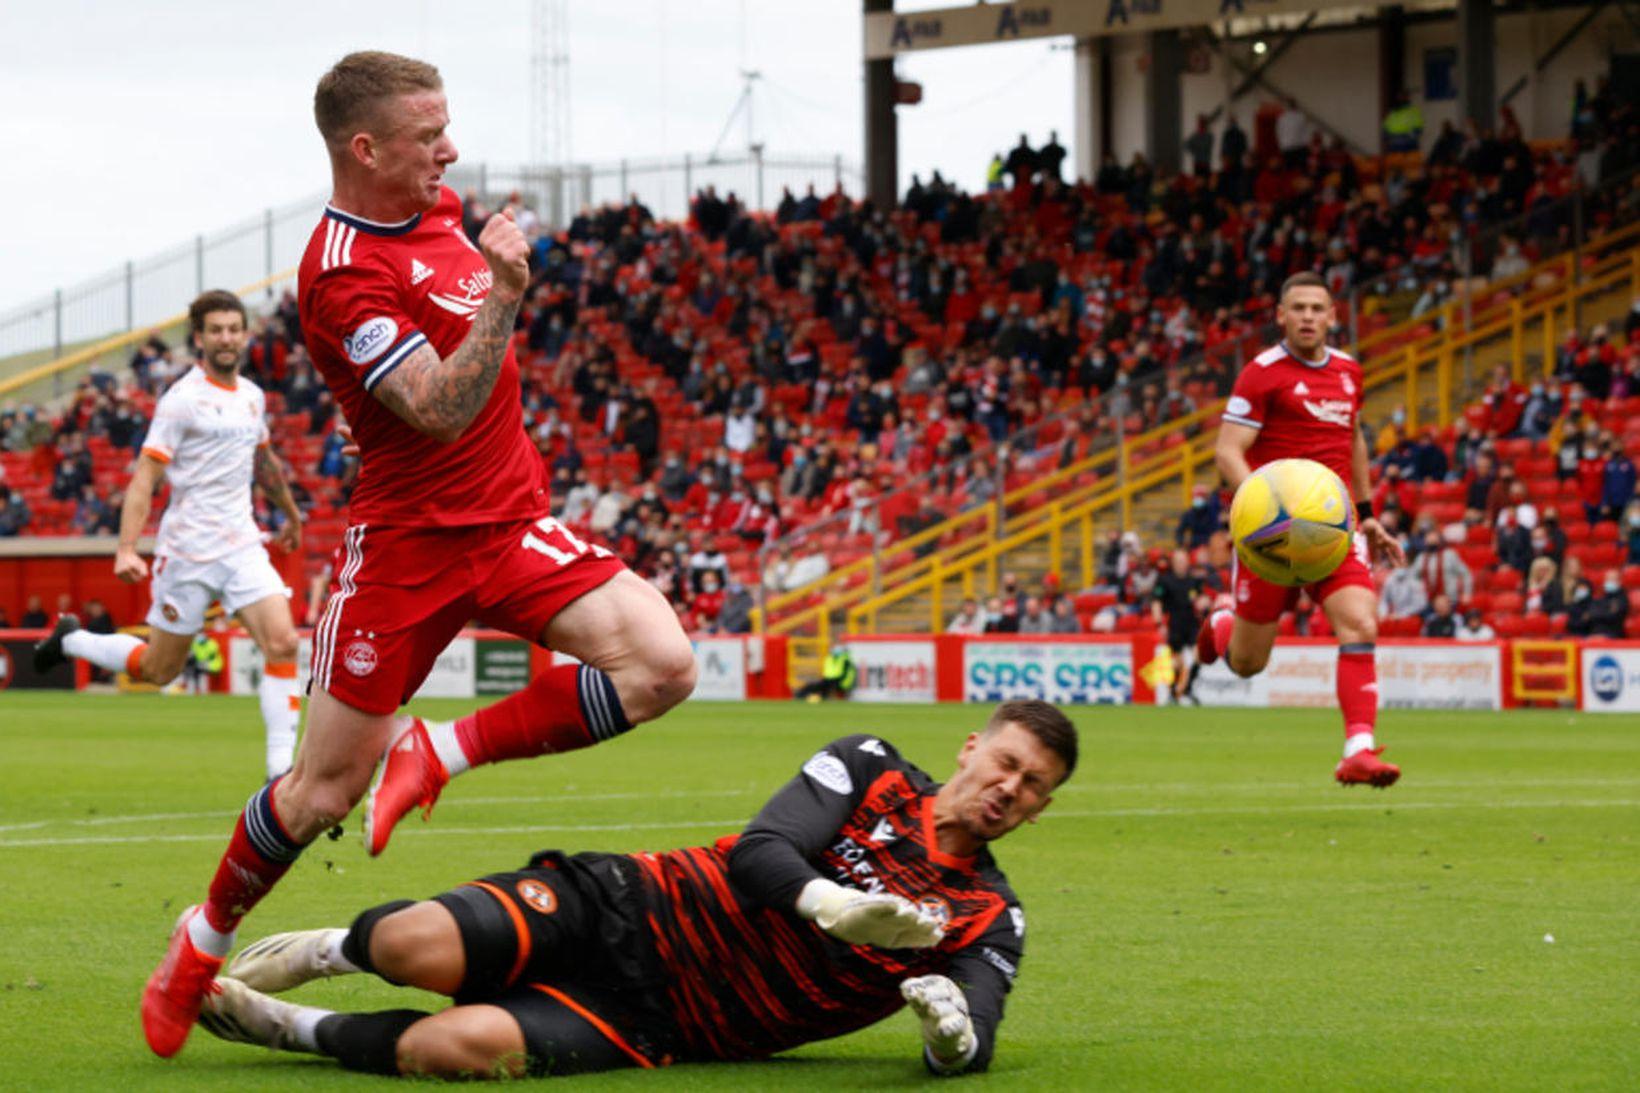 Jonny Hayes kemur Aberdeen yfir.